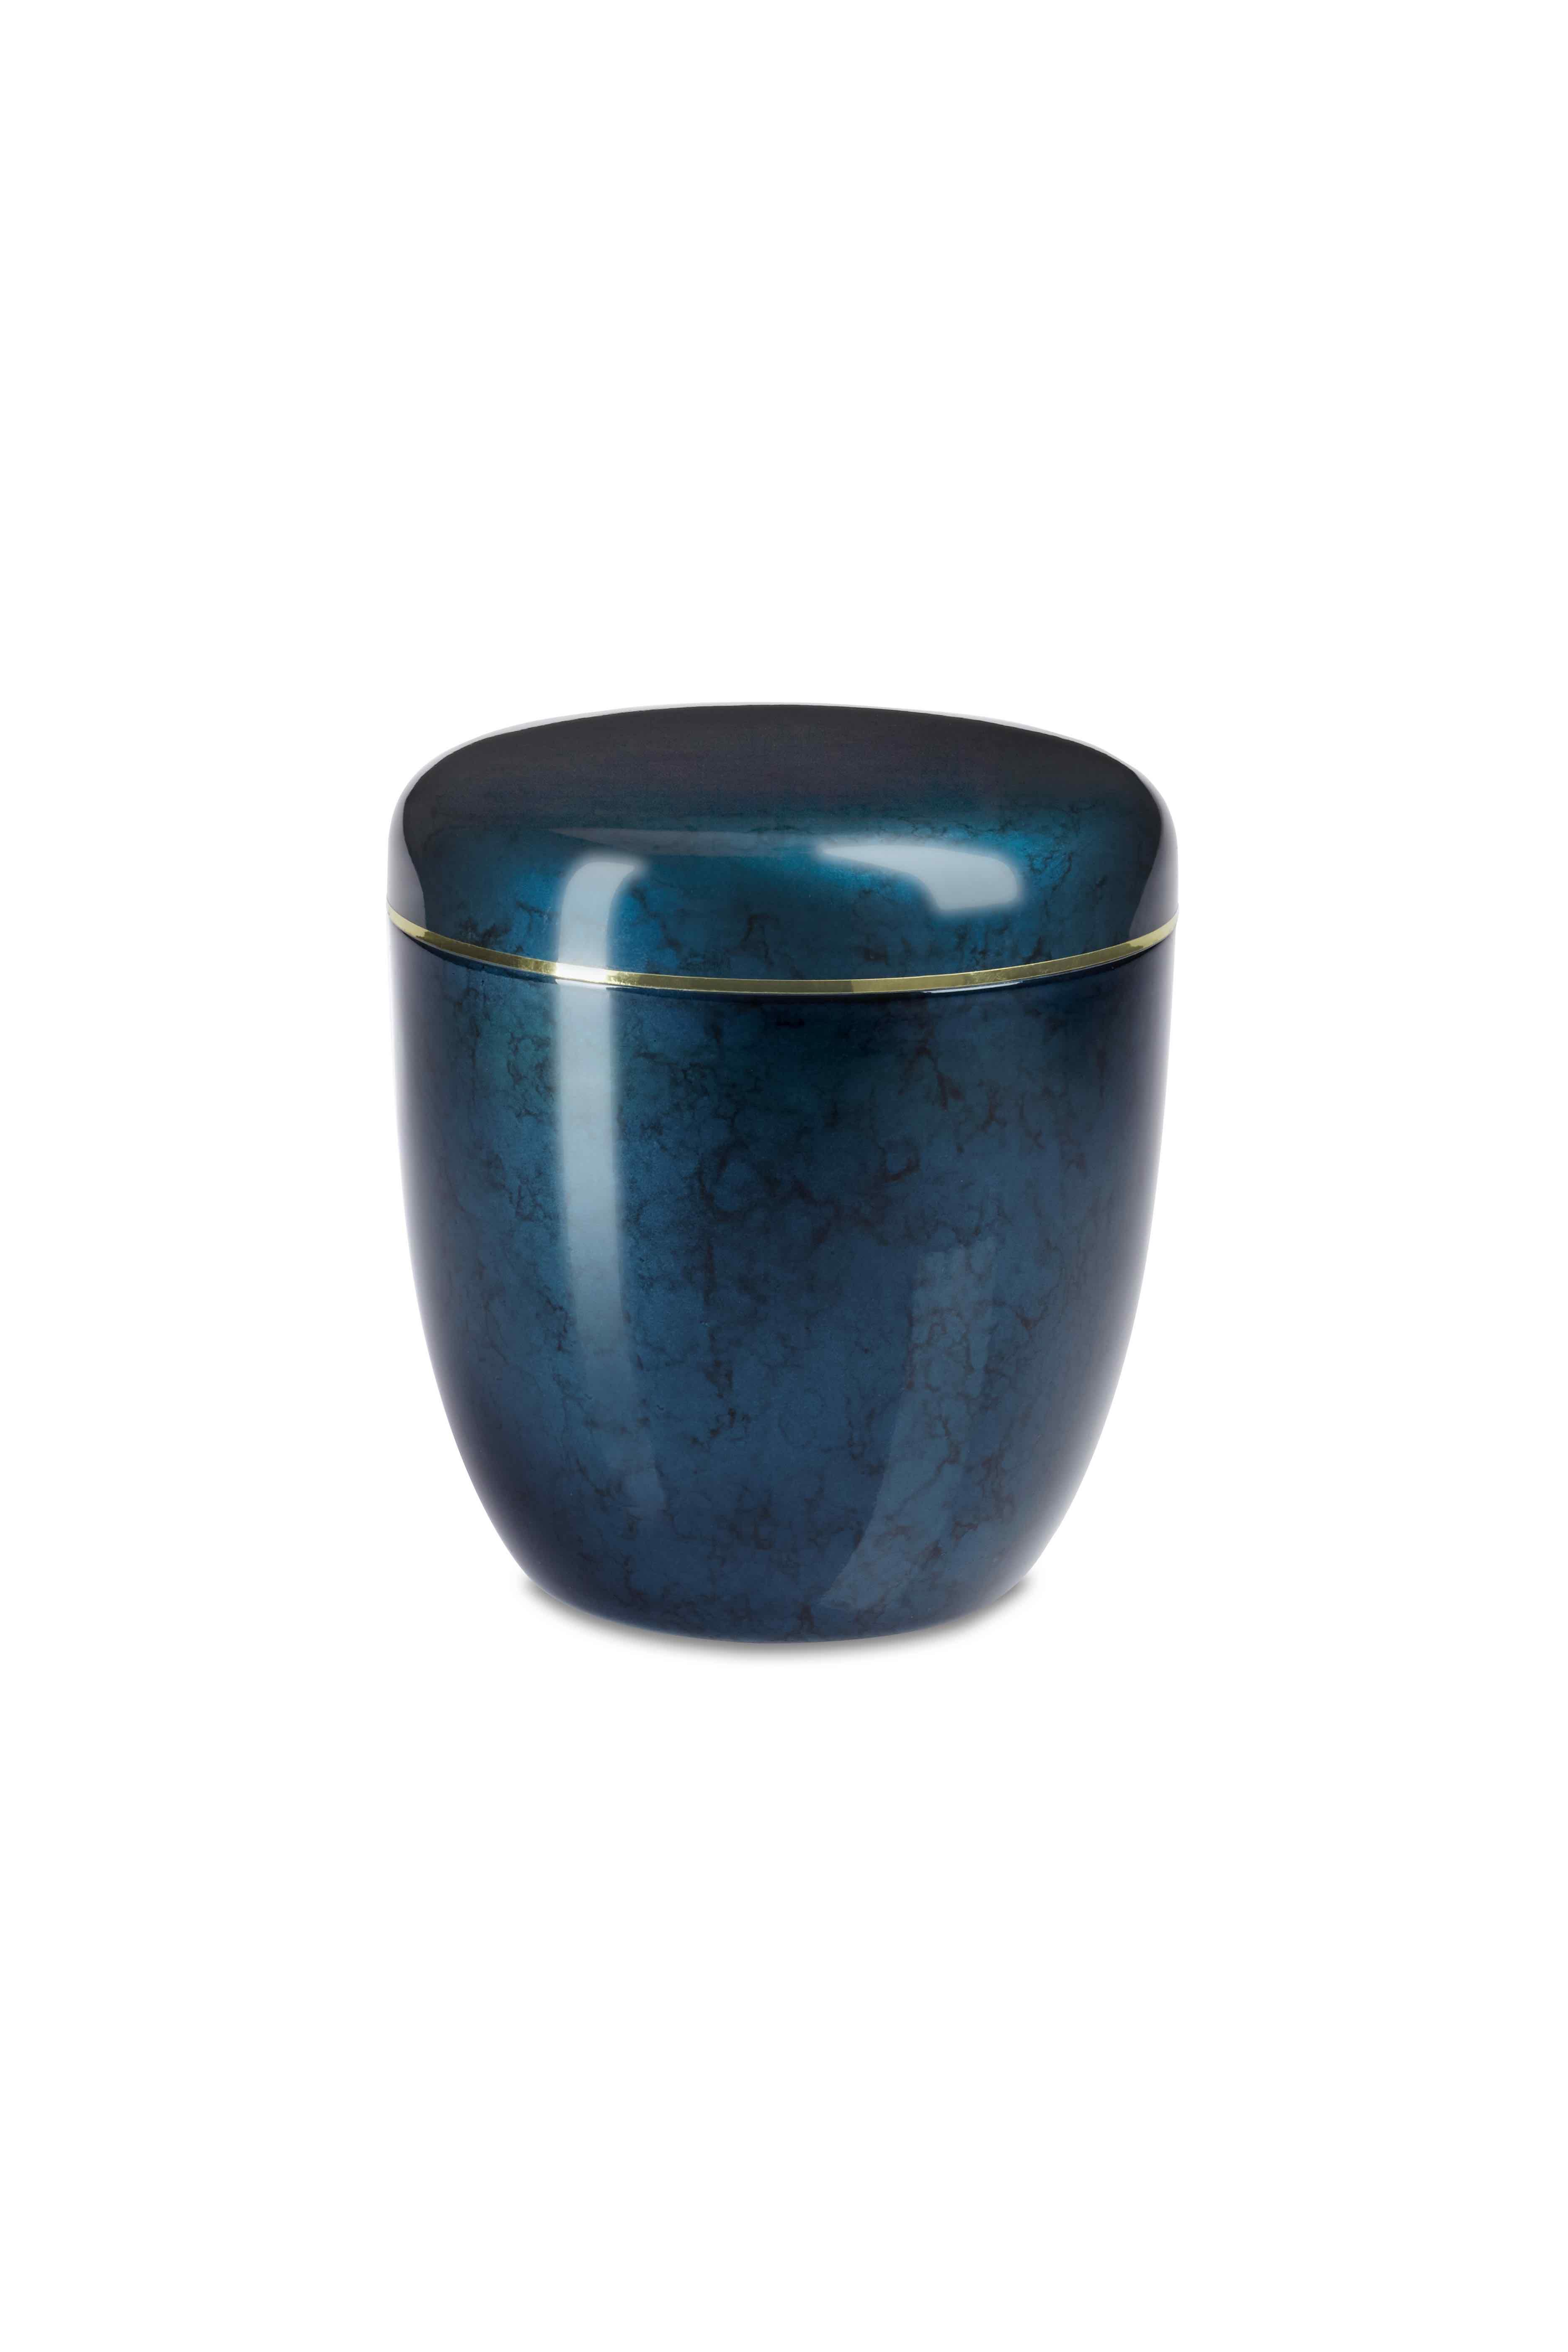 Alu Pirgos Bleu